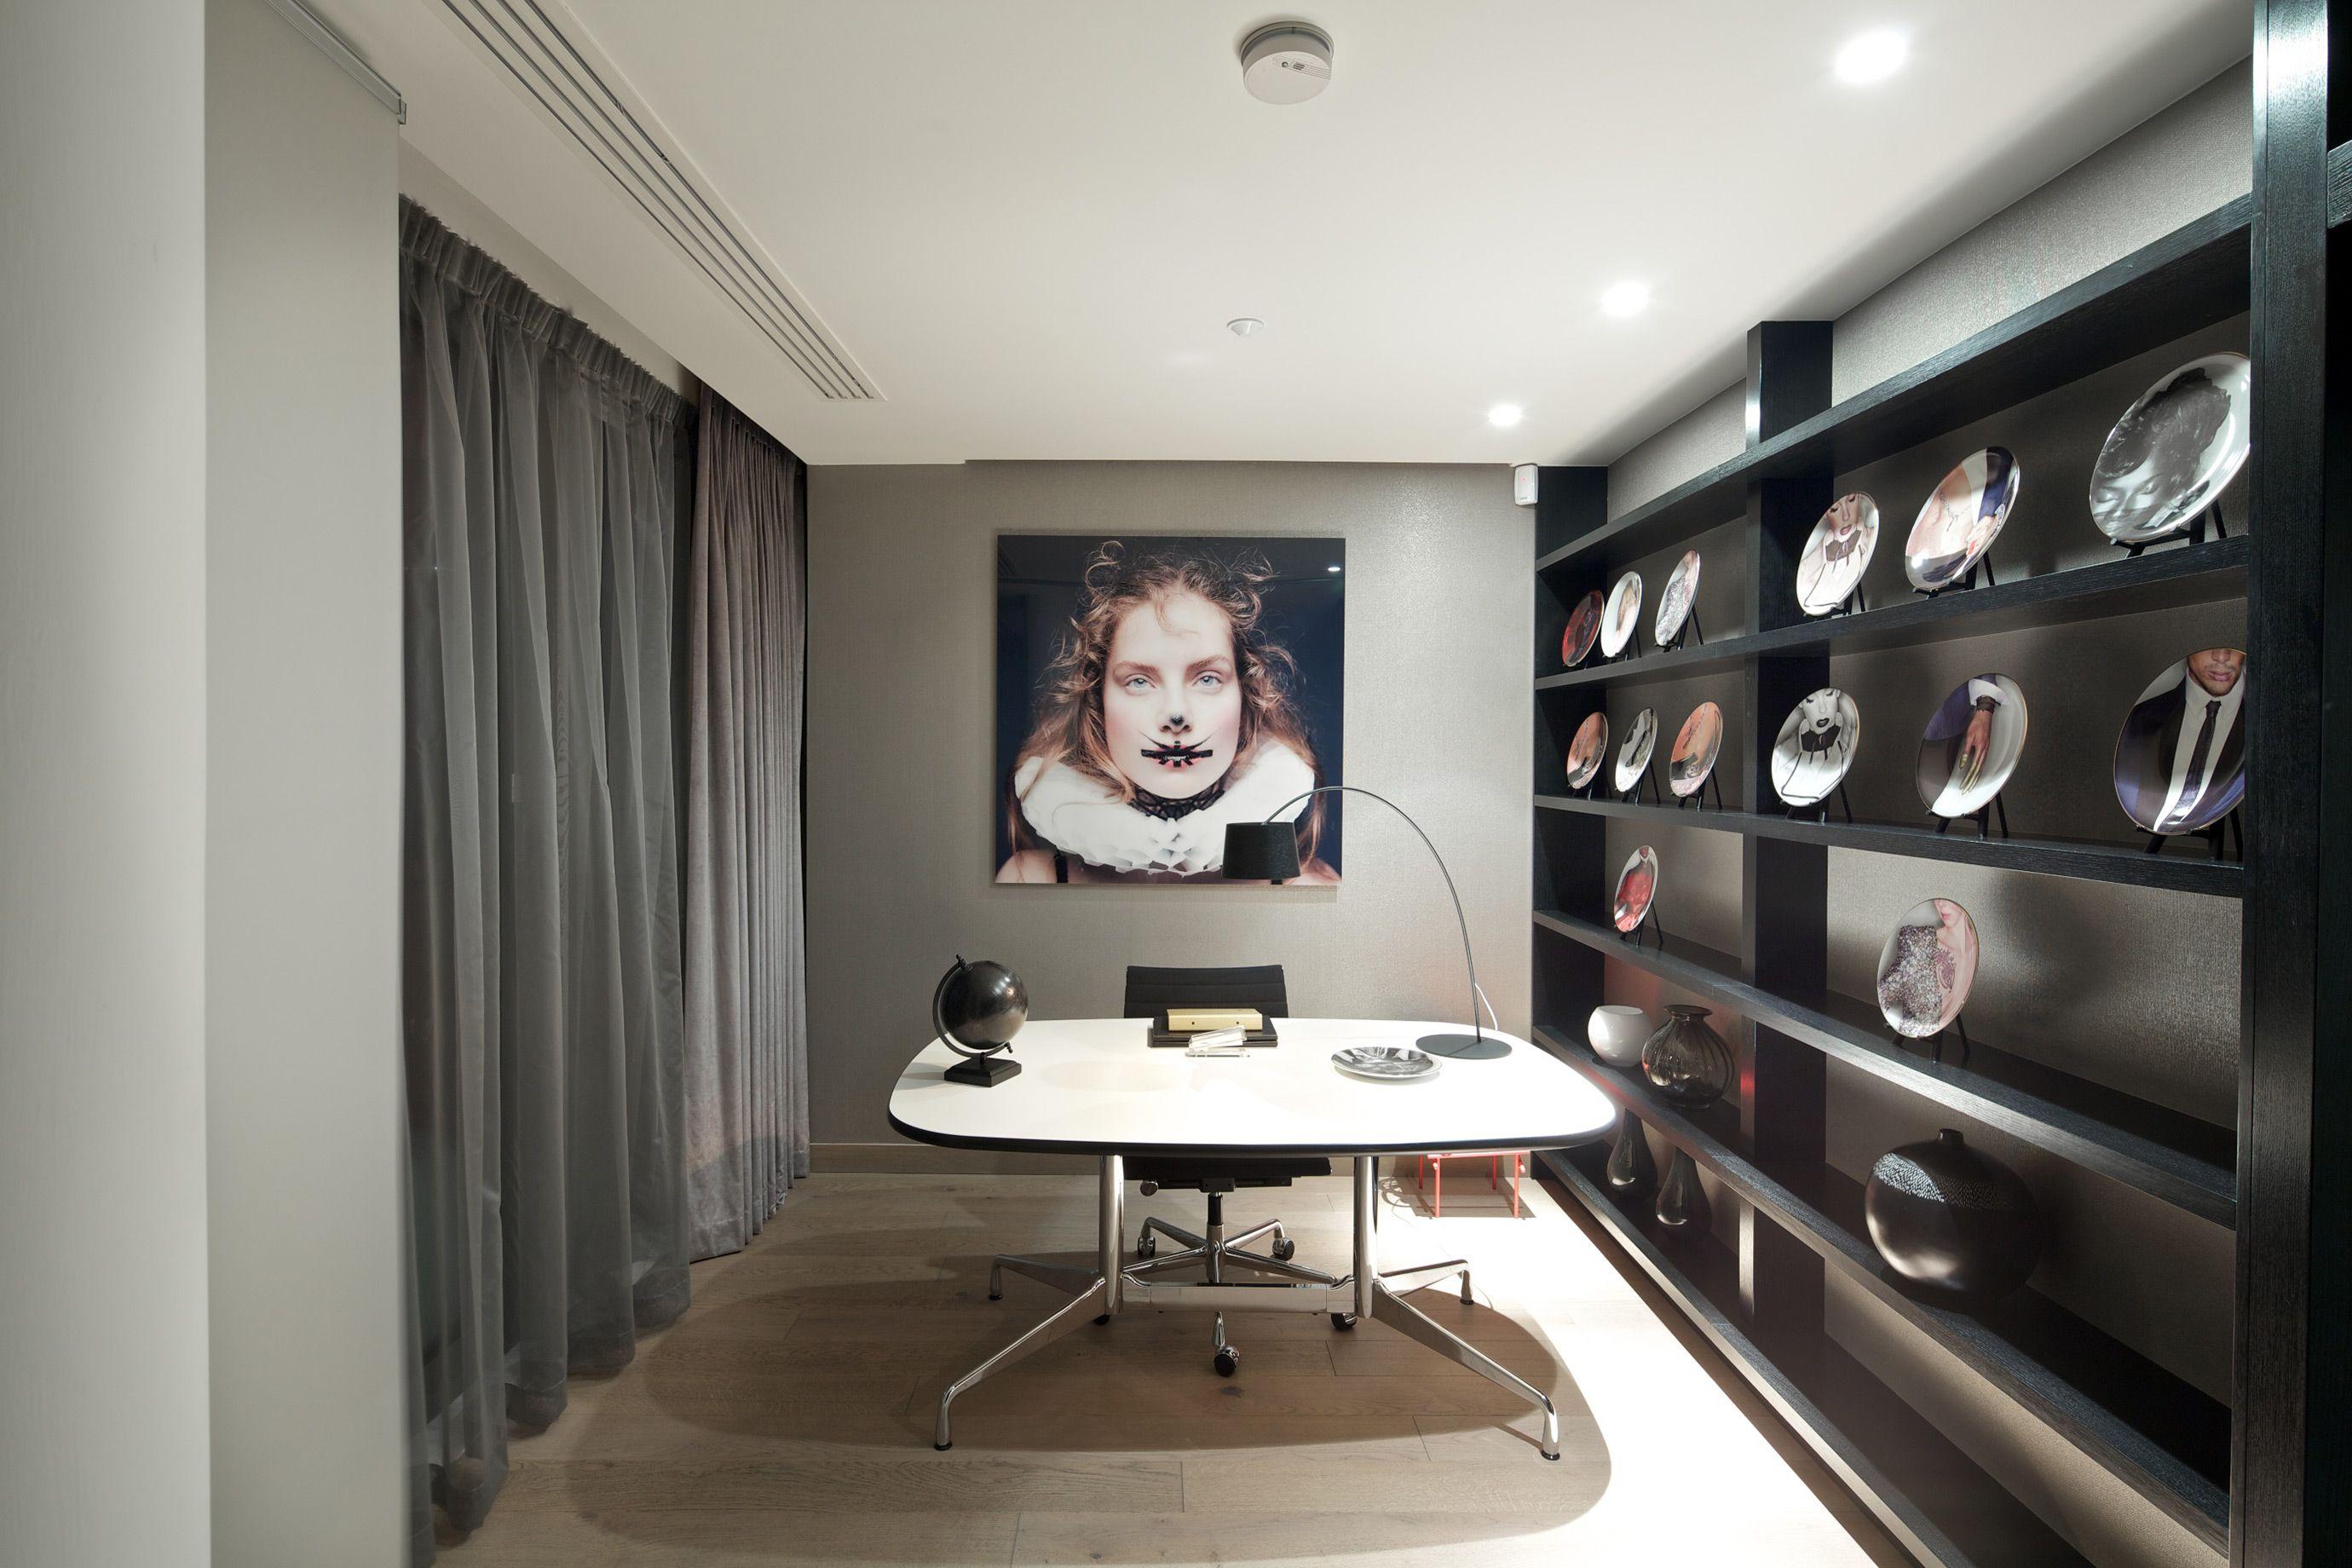 W Hotel Interior